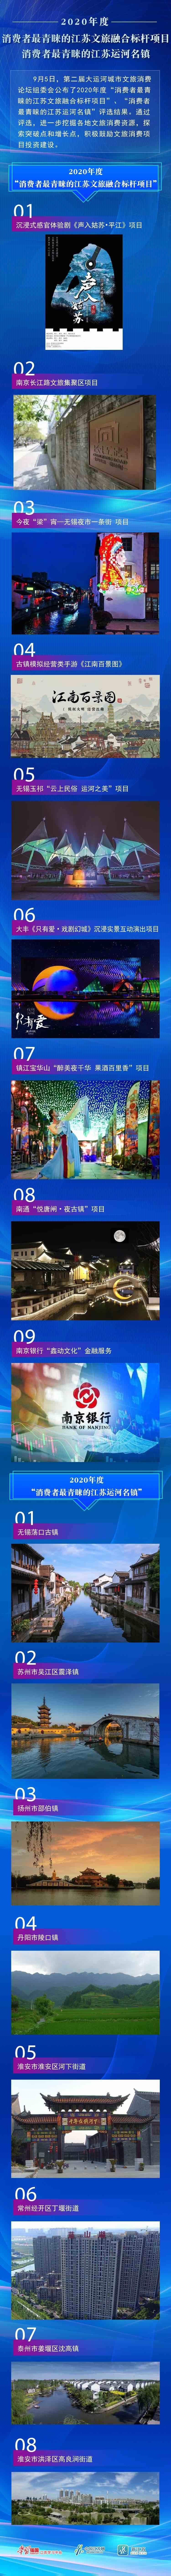 消费者最青睐的江苏运河名镇出炉:泰州市姜堰区沈高镇榜上有名